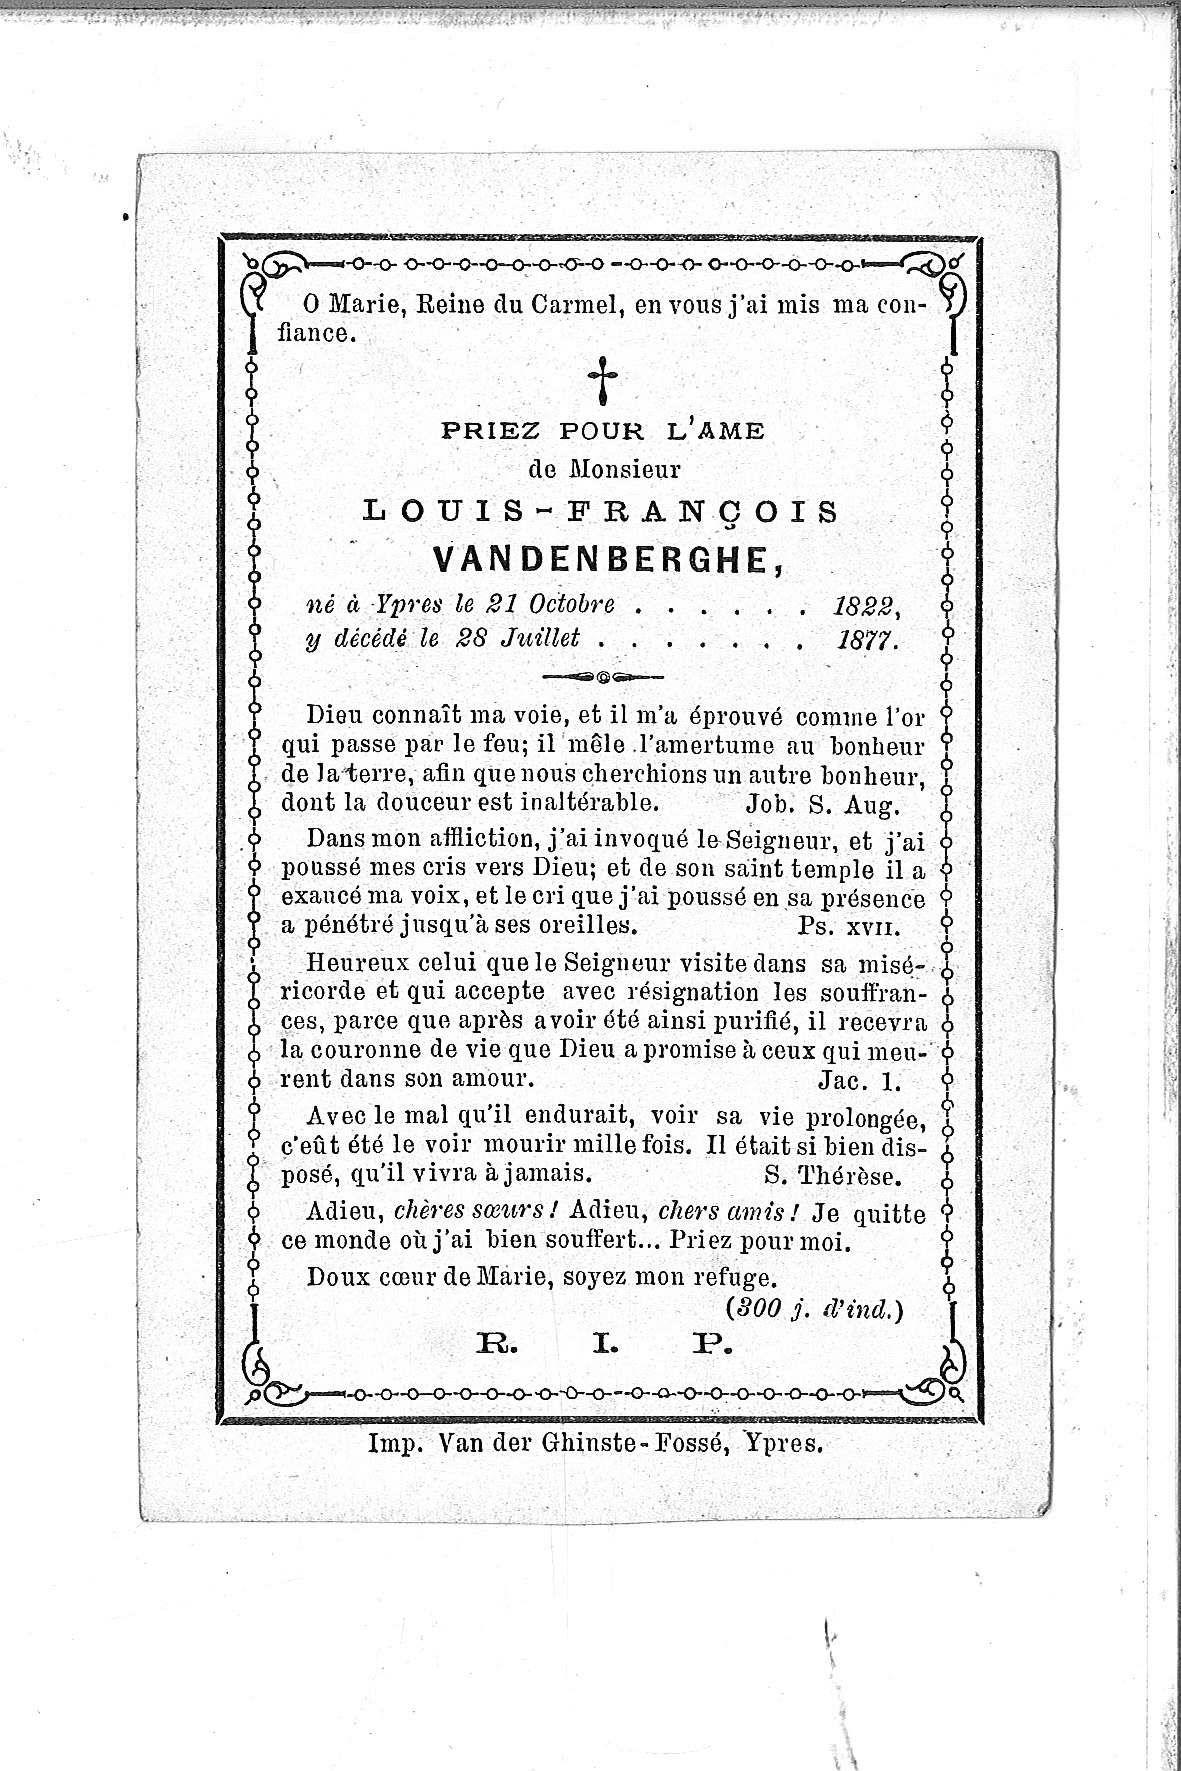 Louis-Frabçois(1877)20140716134406_00027.jpg